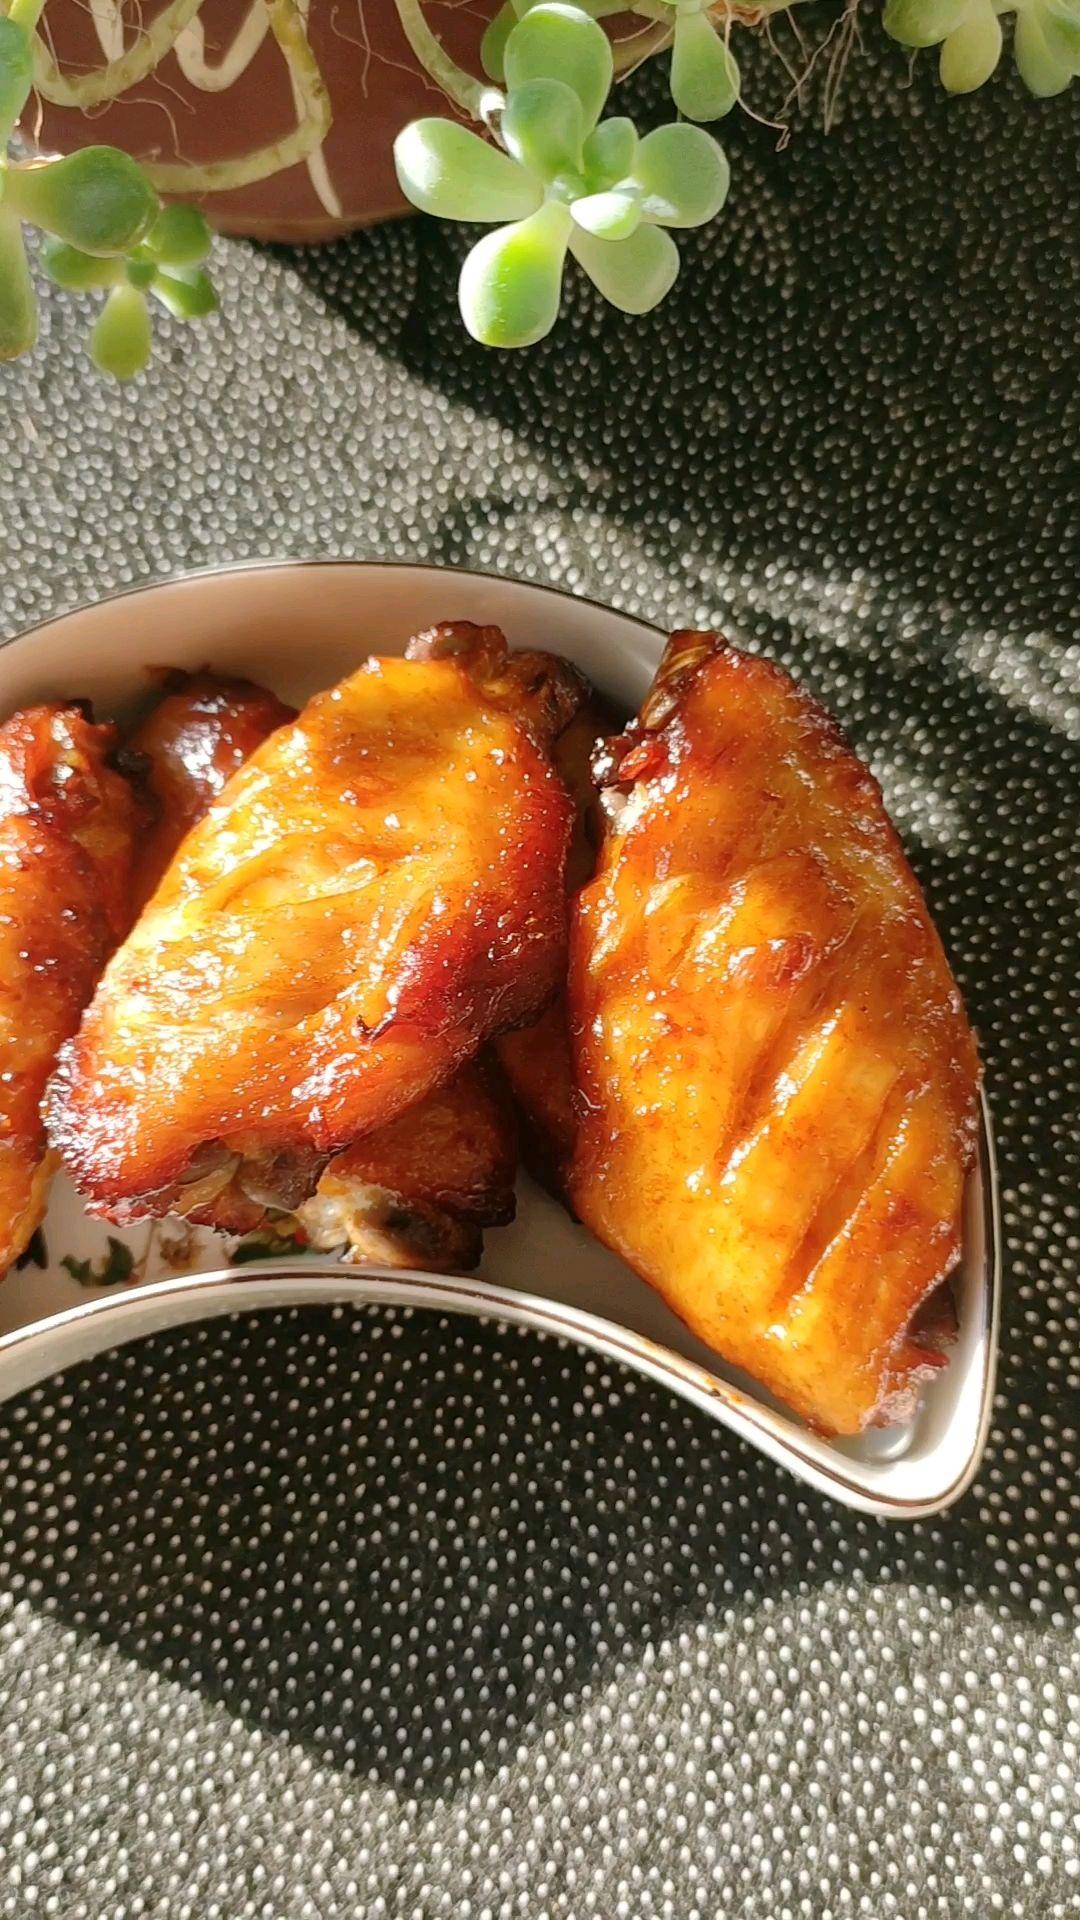 不放一滴油的烤鸡翅